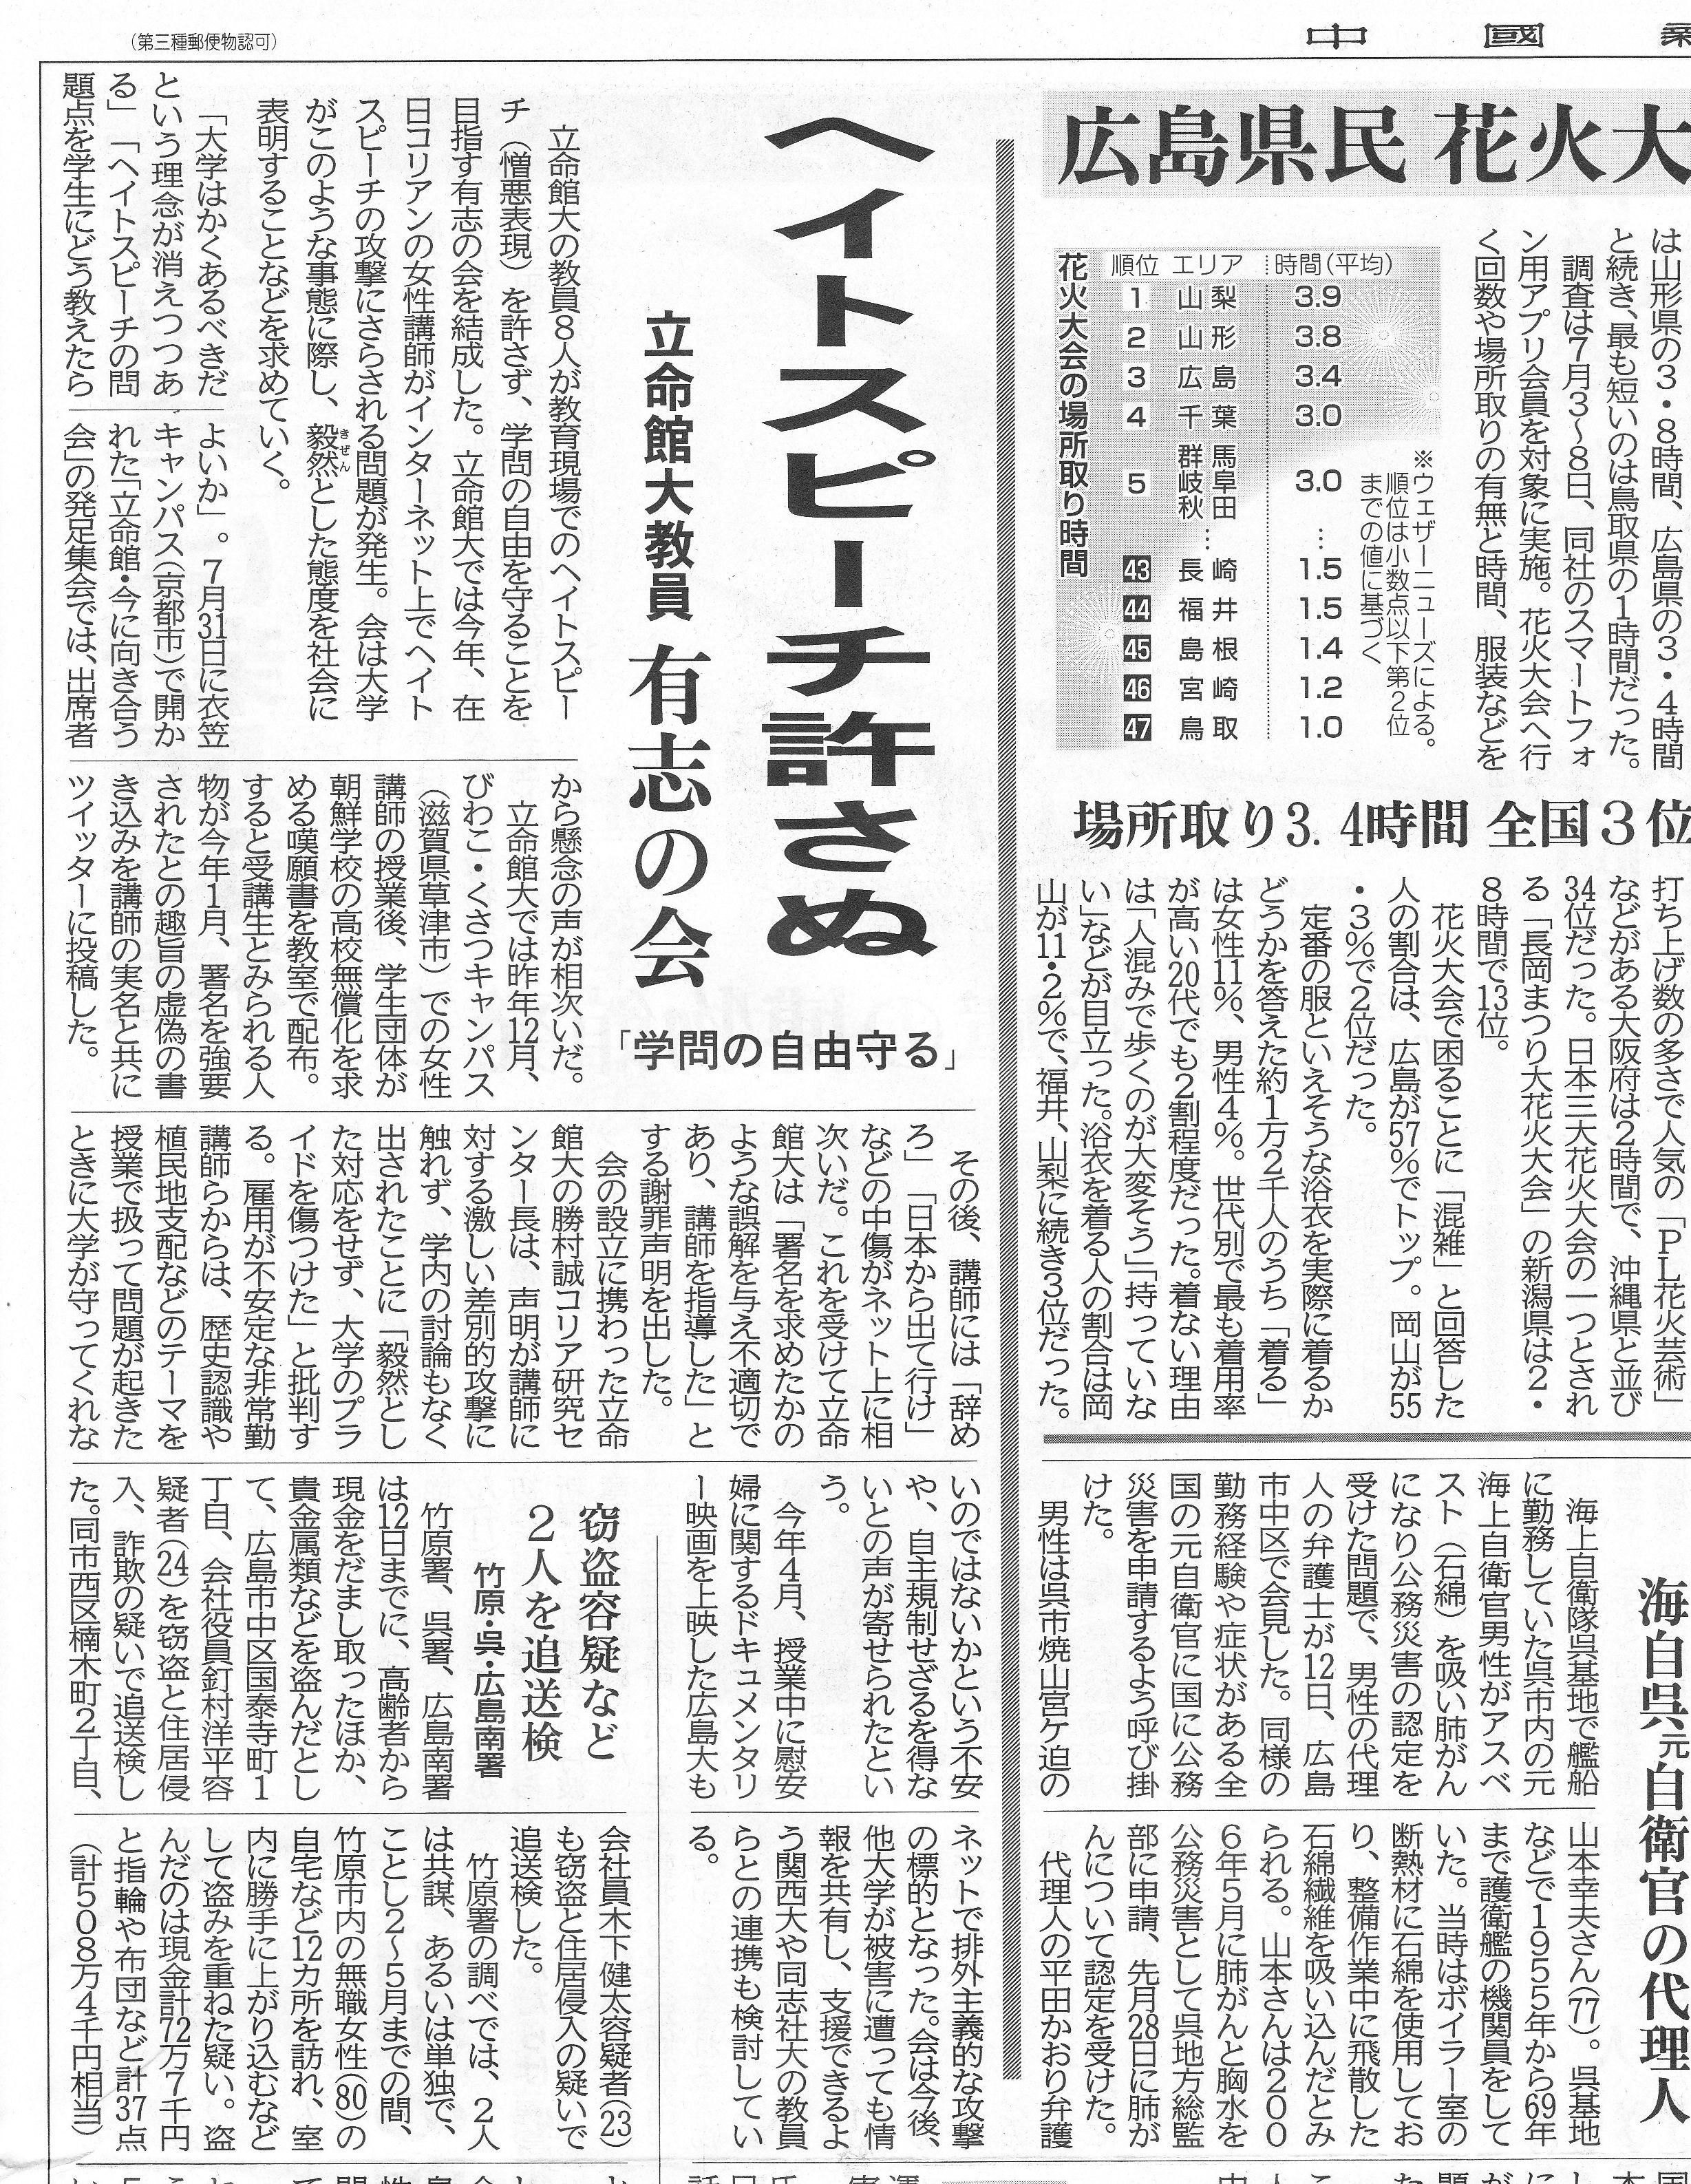 20140813_ChugokuSimbun.jpg